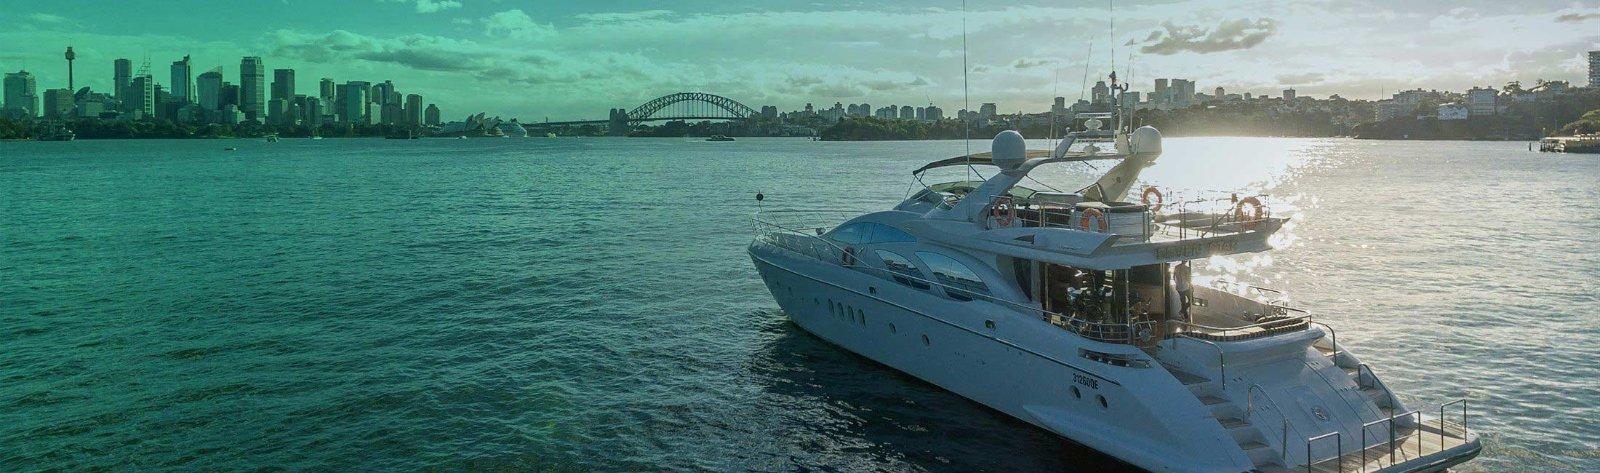 sydney harbour boat charter